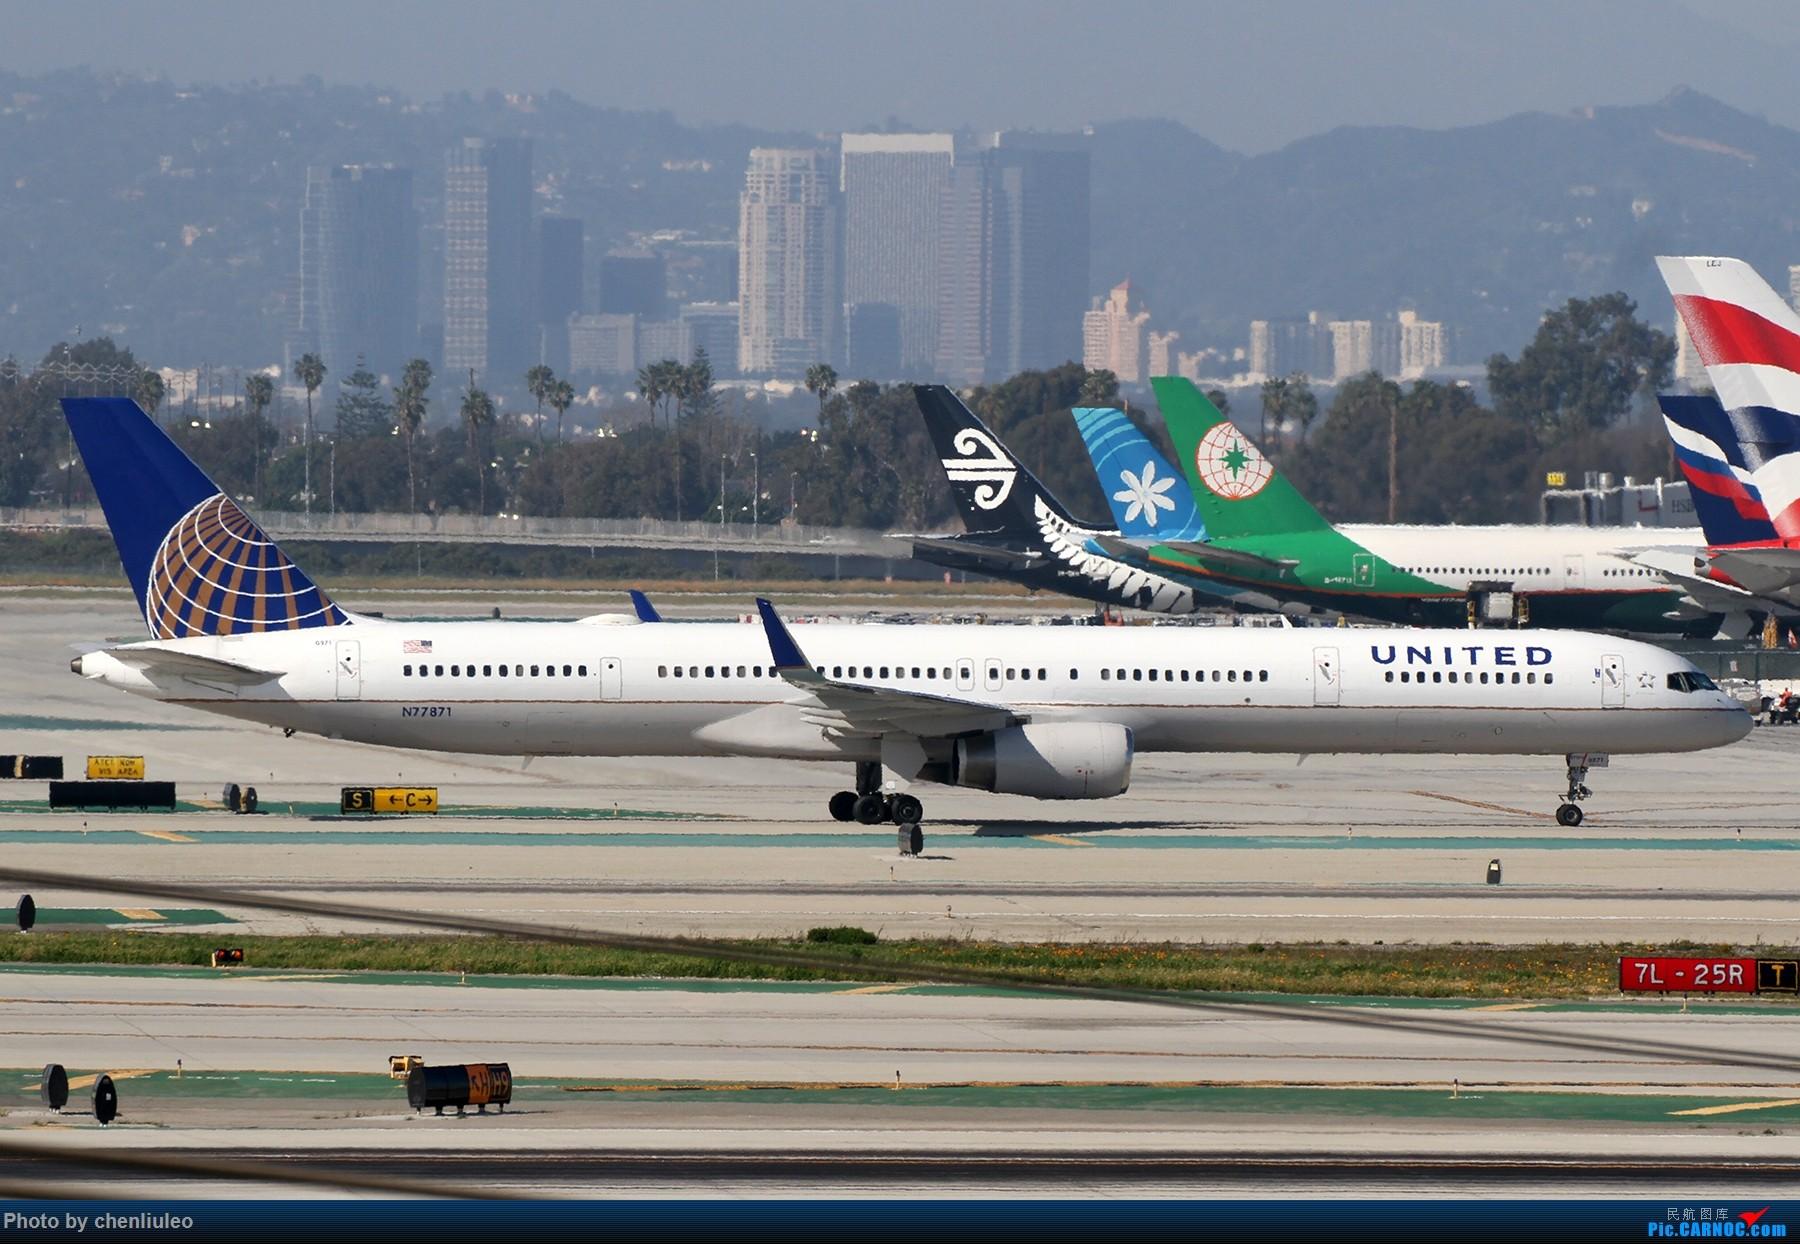 Re:[原创]【北美飞友会】全日空星球大战BB-8黄昏中降落LAX 以及一些杂图 BOEING 757-300 N77871 美国洛杉矶机场